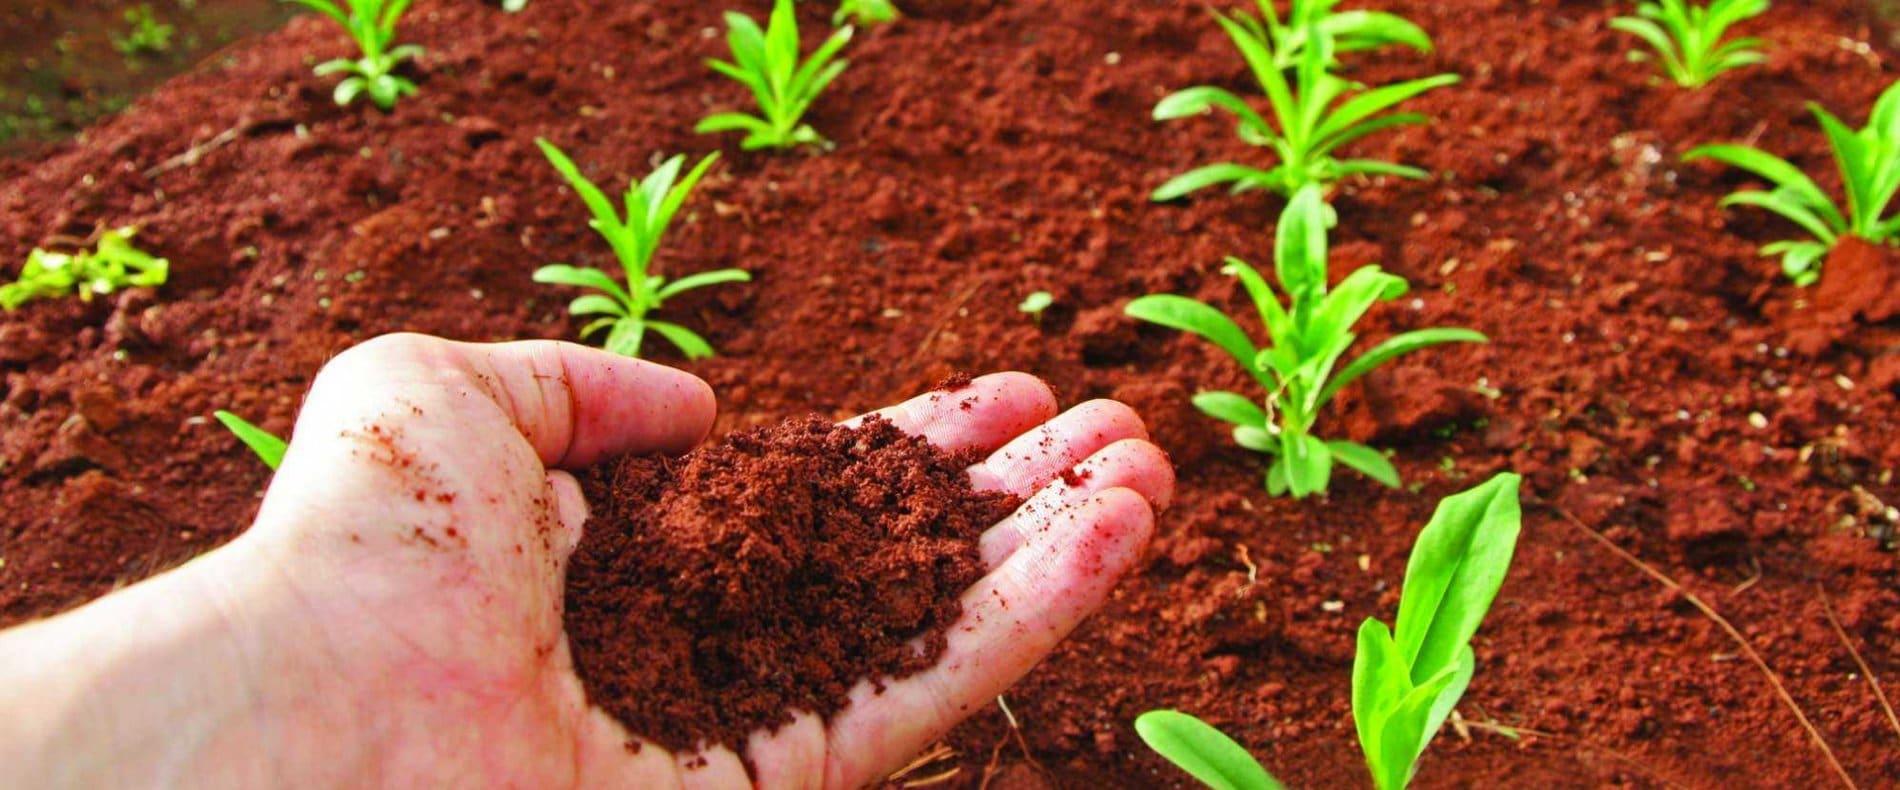 nutrientes del suelo-2